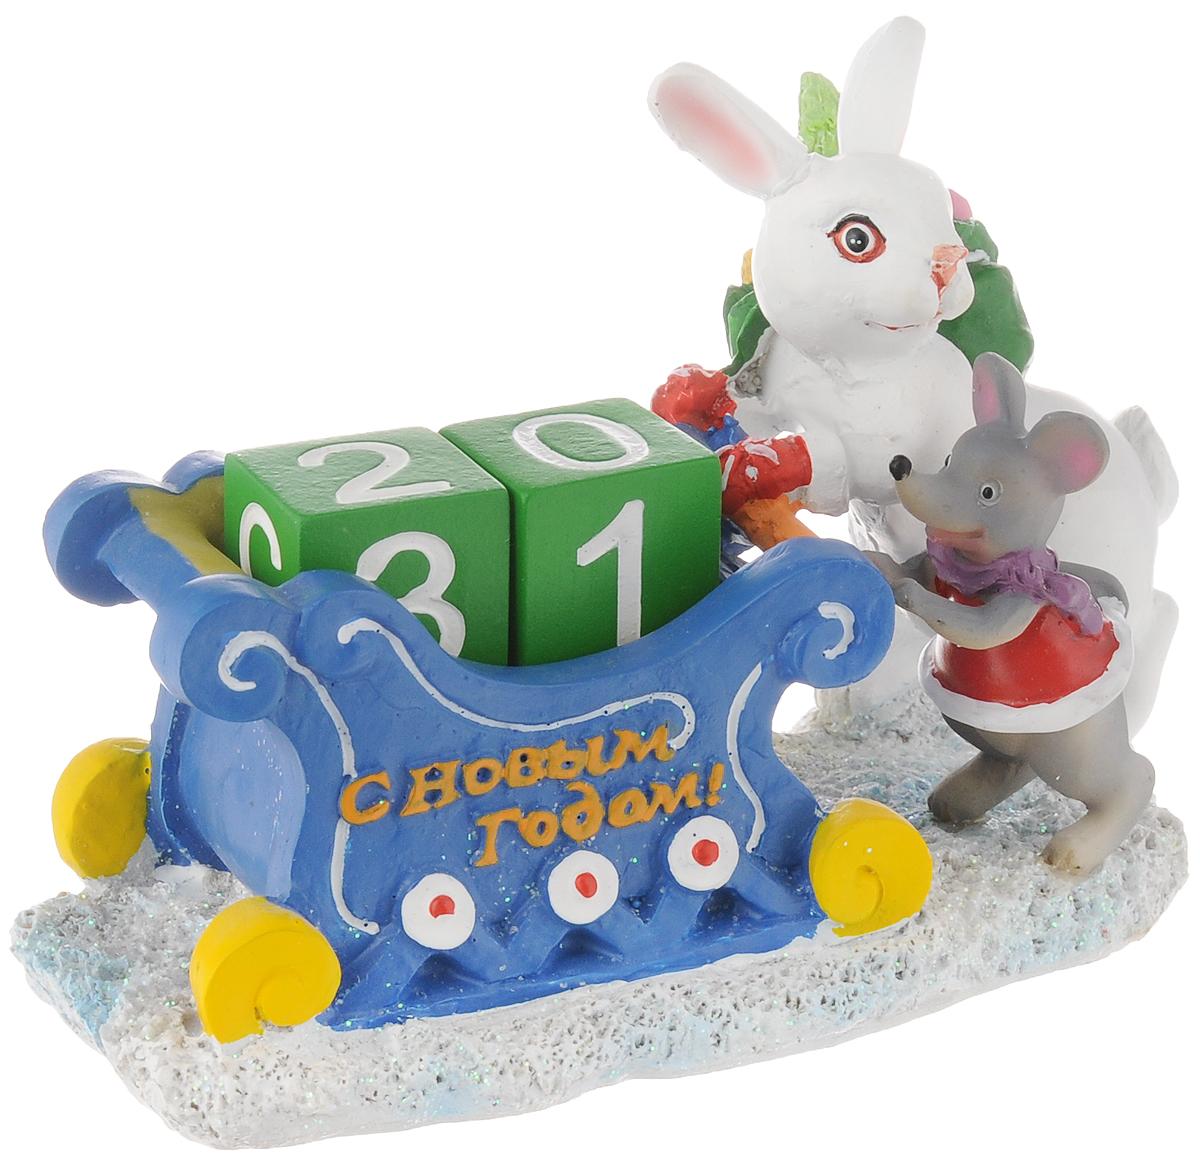 Супенир-календарь новогодний Magic Time Зайчик с подарками, 15 х 8 х 9,5 см41722Новогодний сувенир-календарь Magic Time Зайчик с подарками изготовлен из полирезины. Изделие выполнено в виде зайчика и мышонка с подарками около саней, в которые устанавливаются два кубика с числами. Оригинальный календарь Magic Time Зайчик с подарками гармонично впишется в праздничный интерьер вашего дома или офиса.